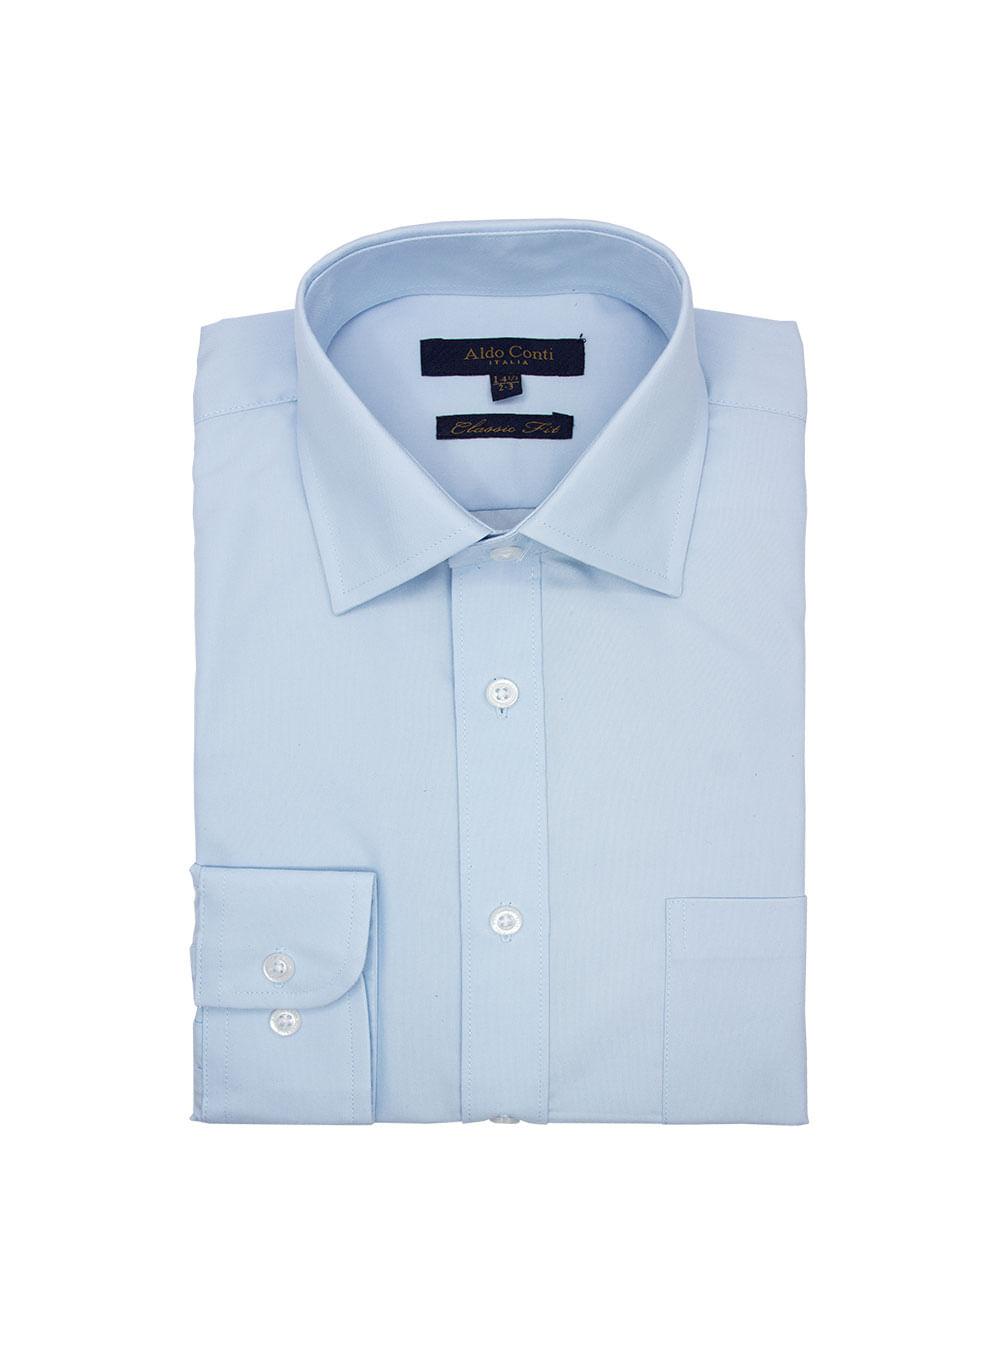 Camisa De Vestir Color Cielo Marca Aldo Conti